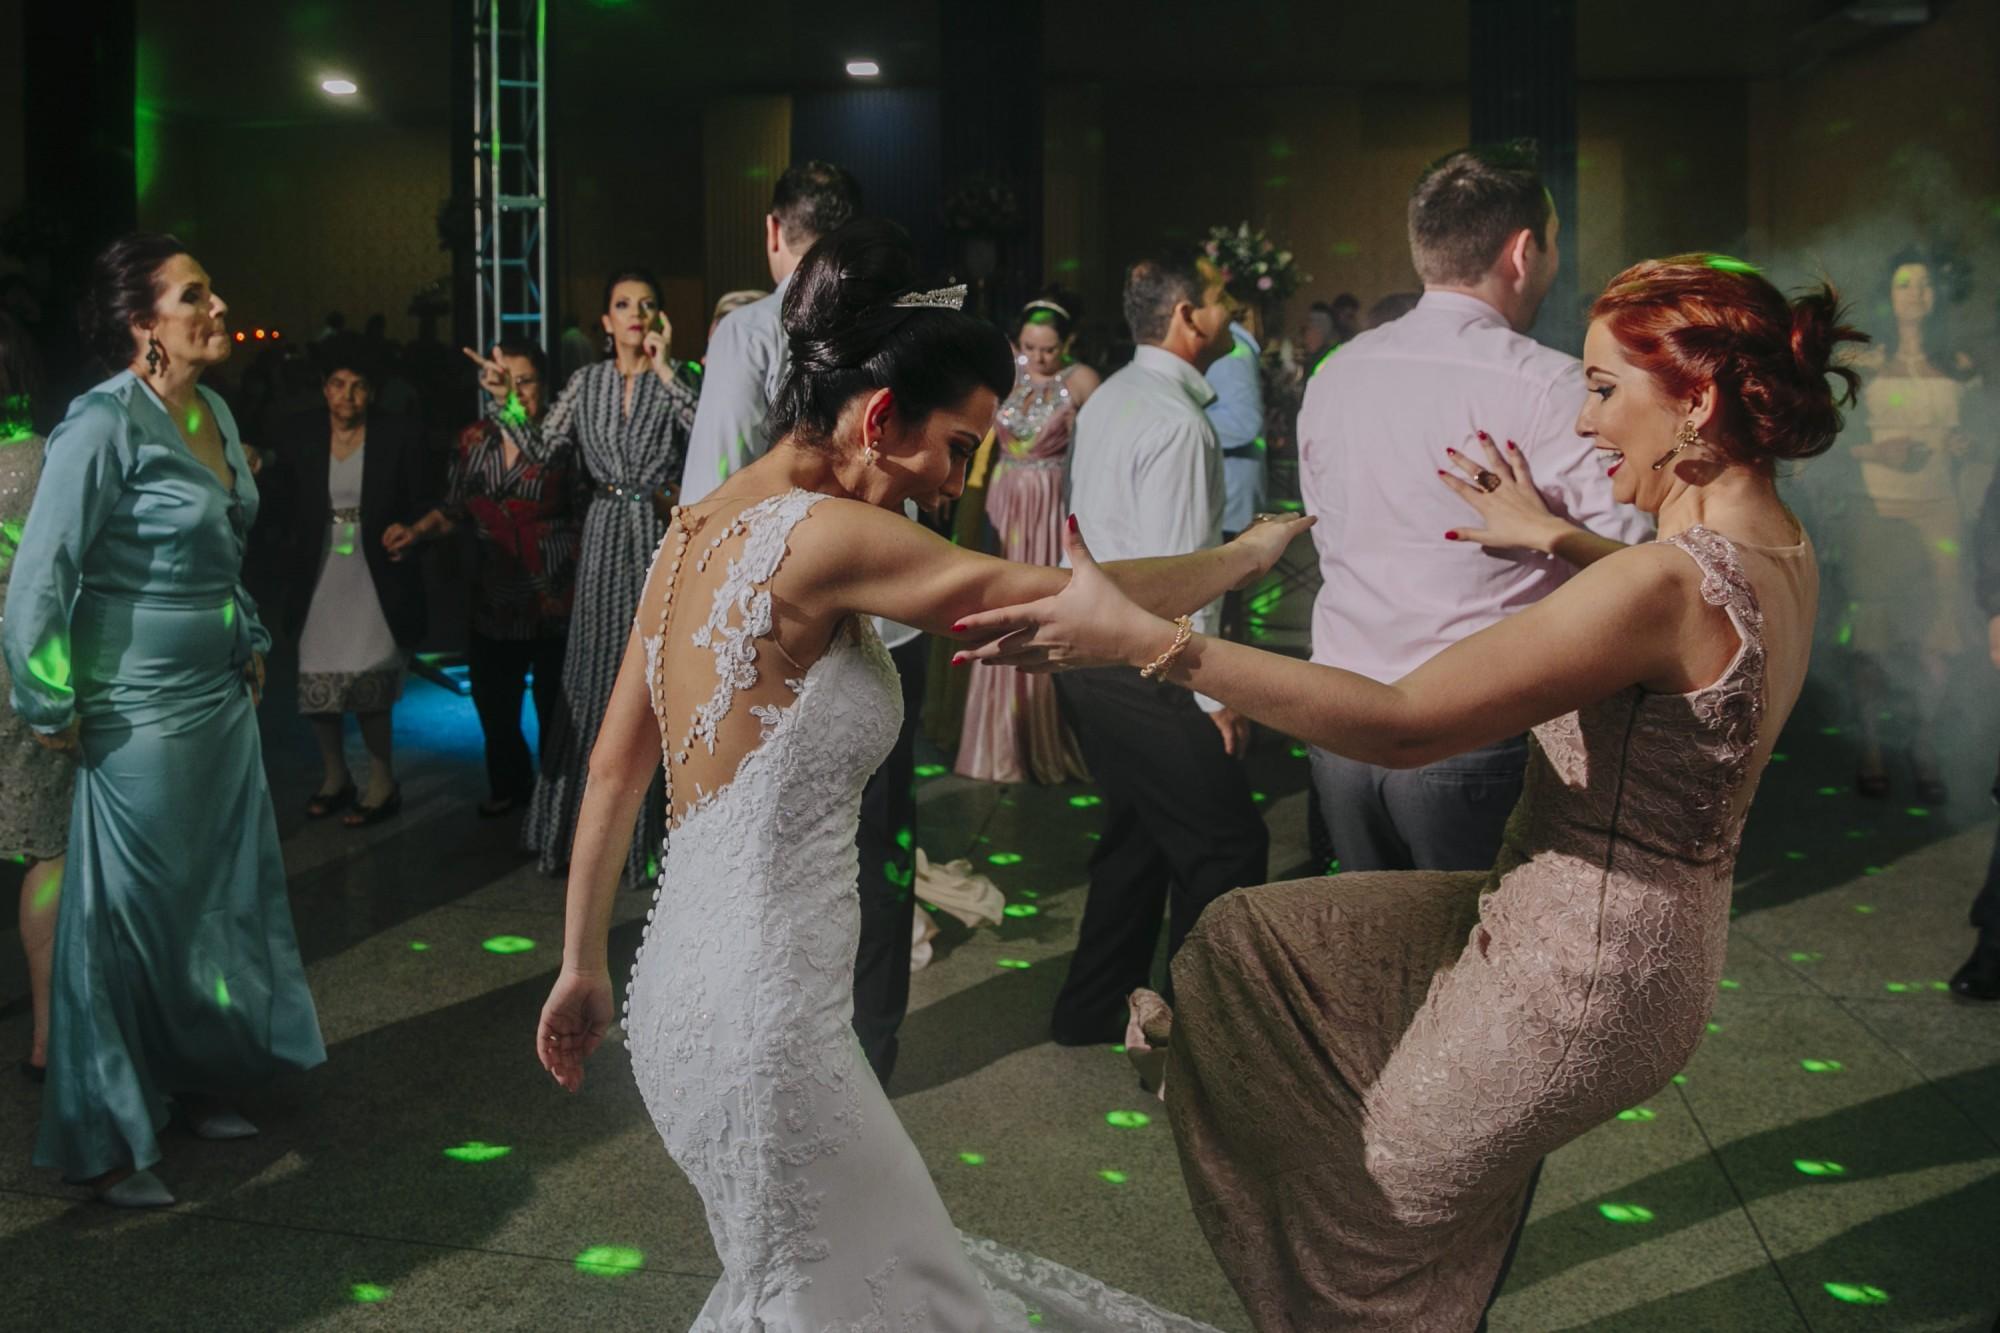 Casamento Camila Rampim e Rafael em Terra Roxa - Paraná - por Lorran Souza e Léia Sotile - fotografos de casamentos - 81